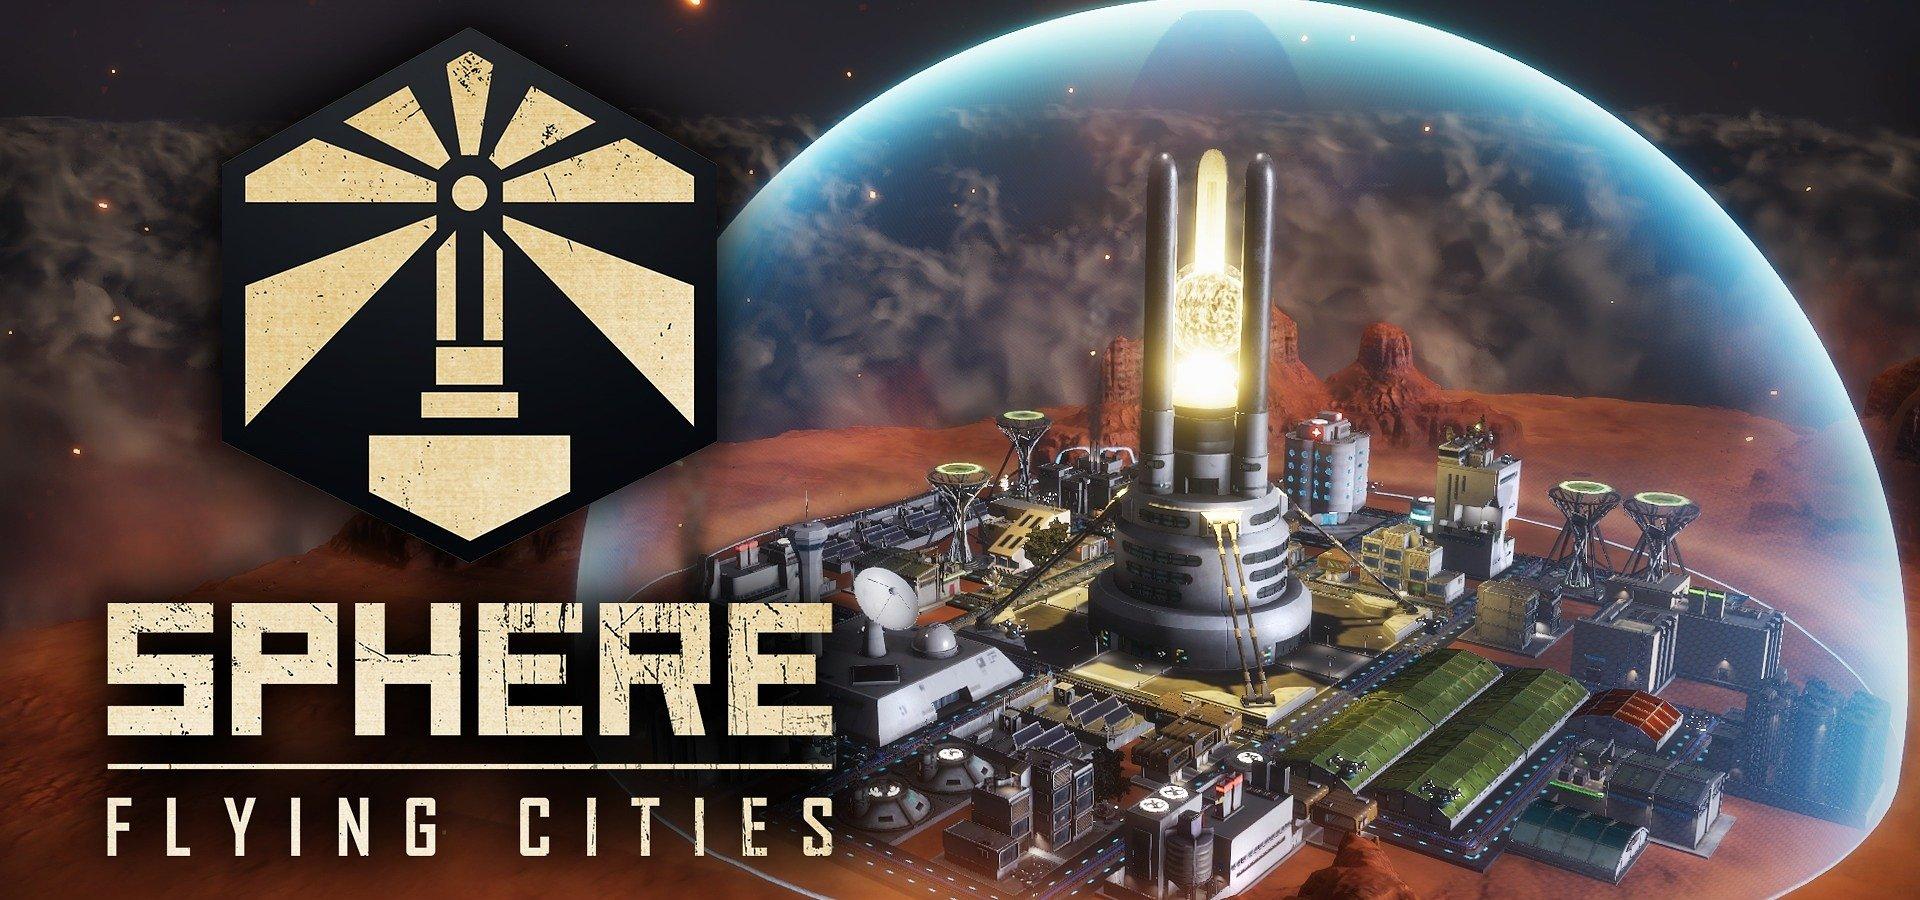 Patrz na wszystkich z góry jako Dowódca podniebnego miasta – Sphere - Flying cities wleci do Wczesnego Dostępu w 2021 r.